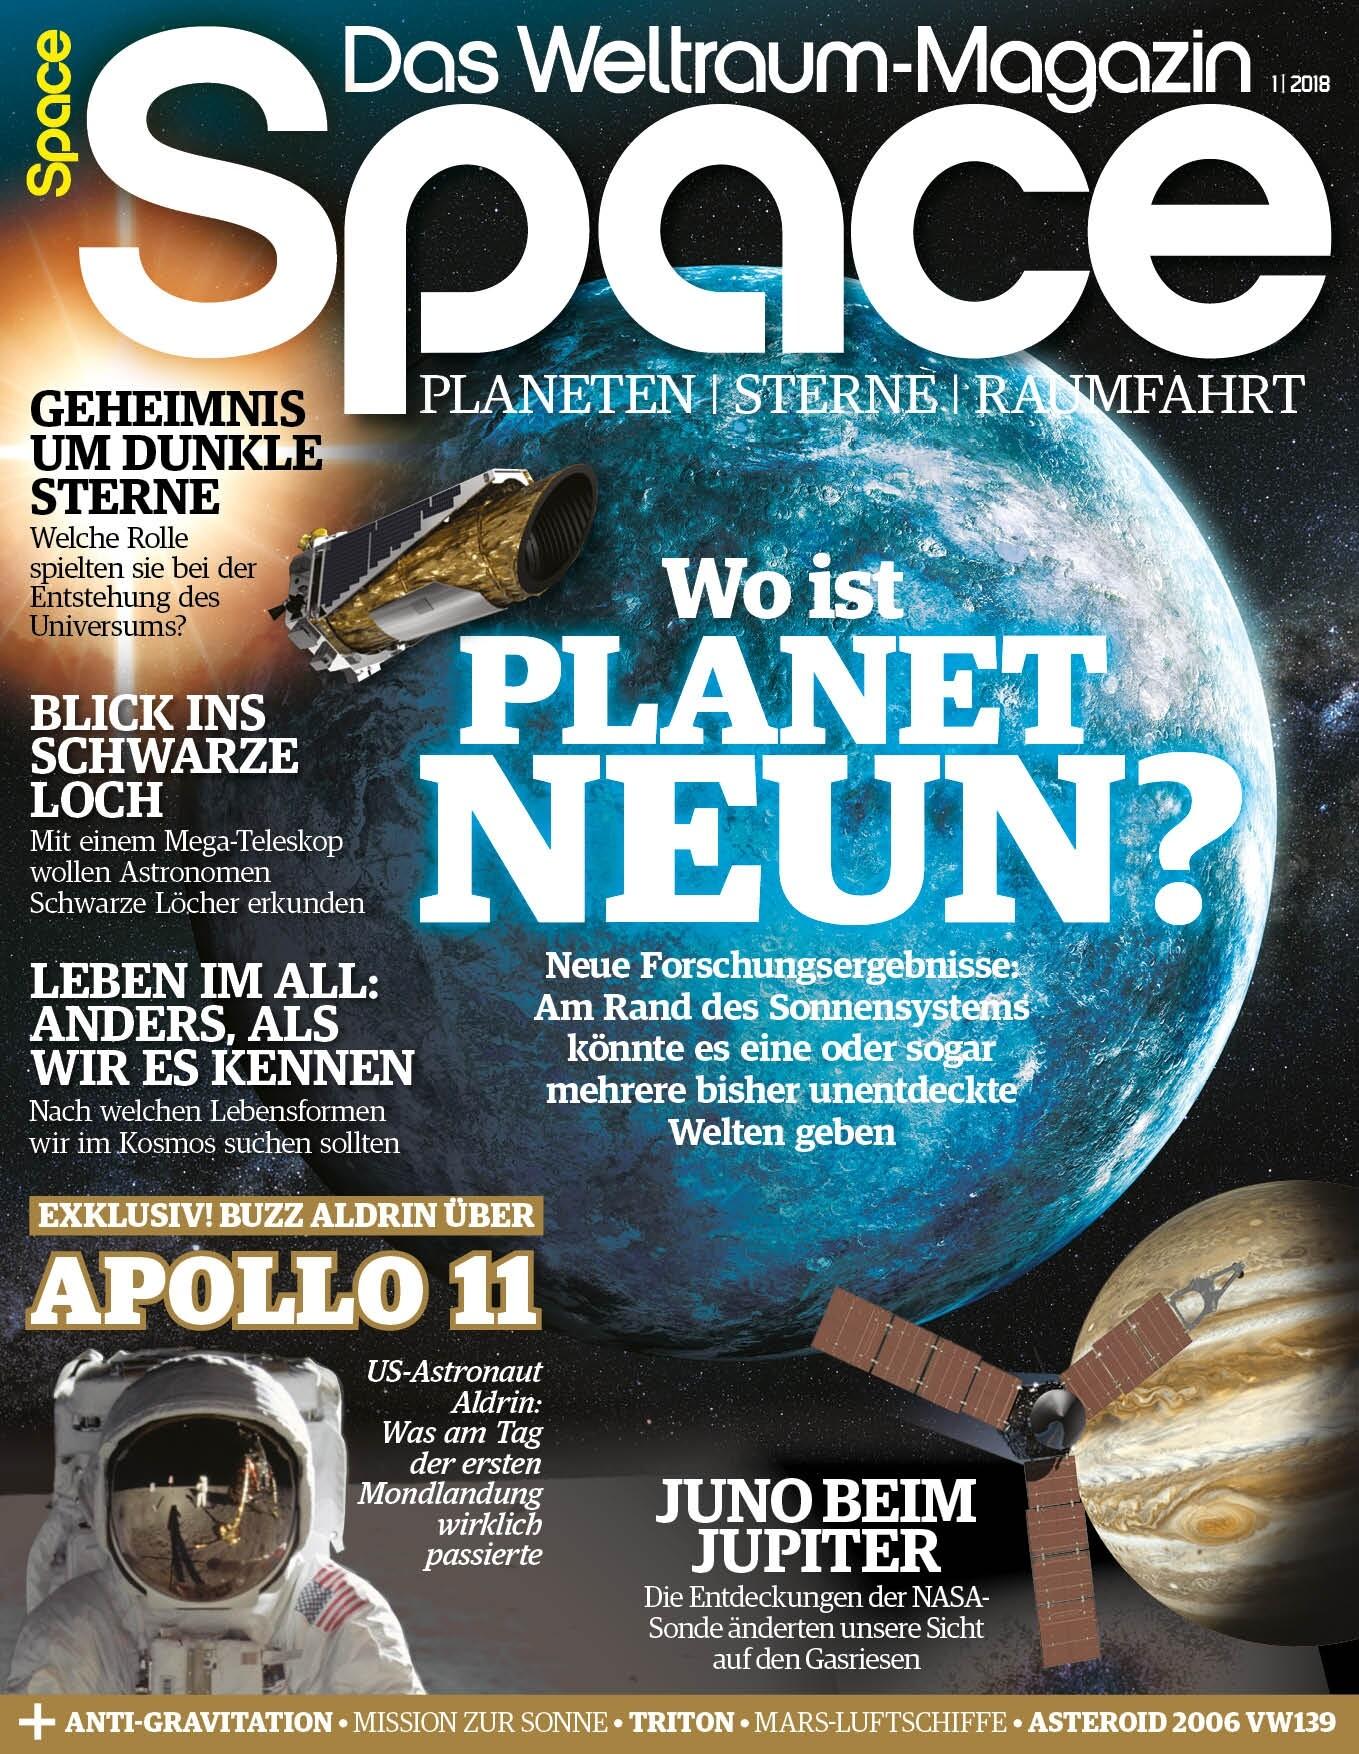 Space Weltraum Magazin 1/2018